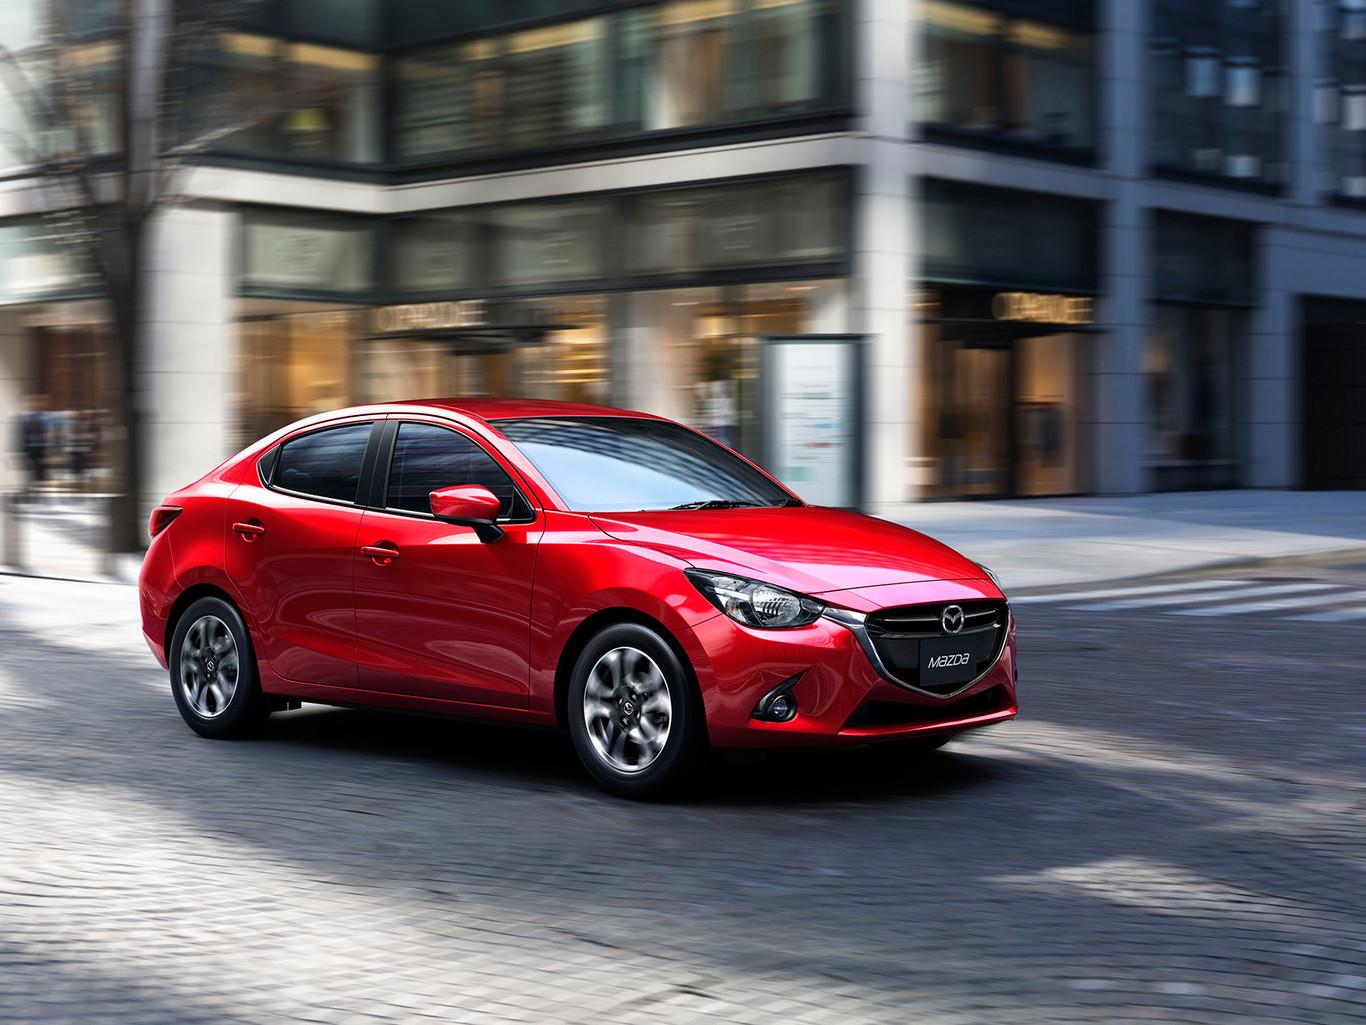 Foto de Mazda 2 sedán 2019 (1/7)